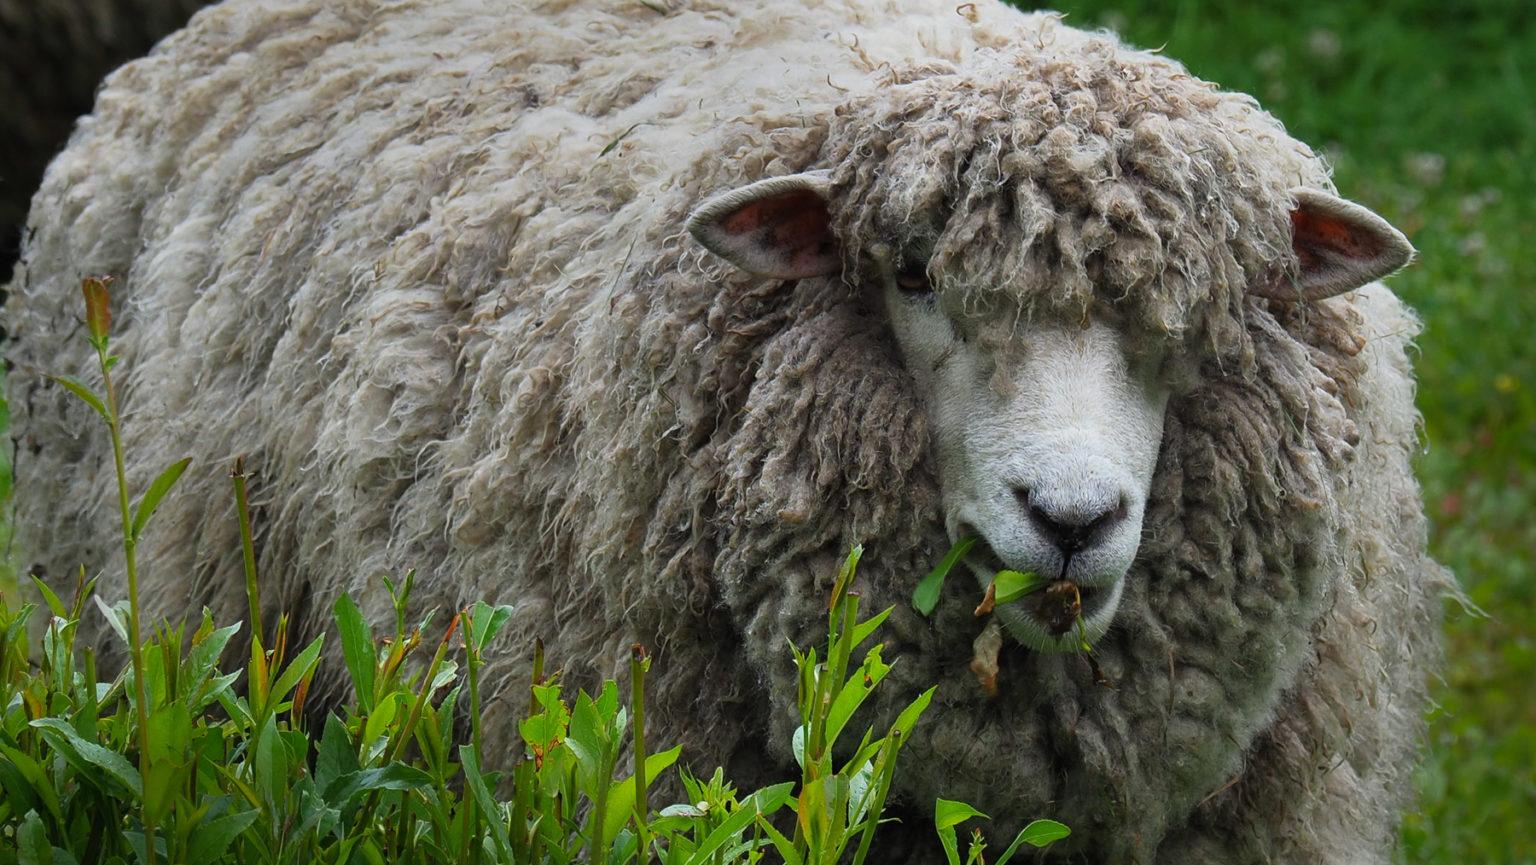 Sooo viel Wolle auf einem Schaf!